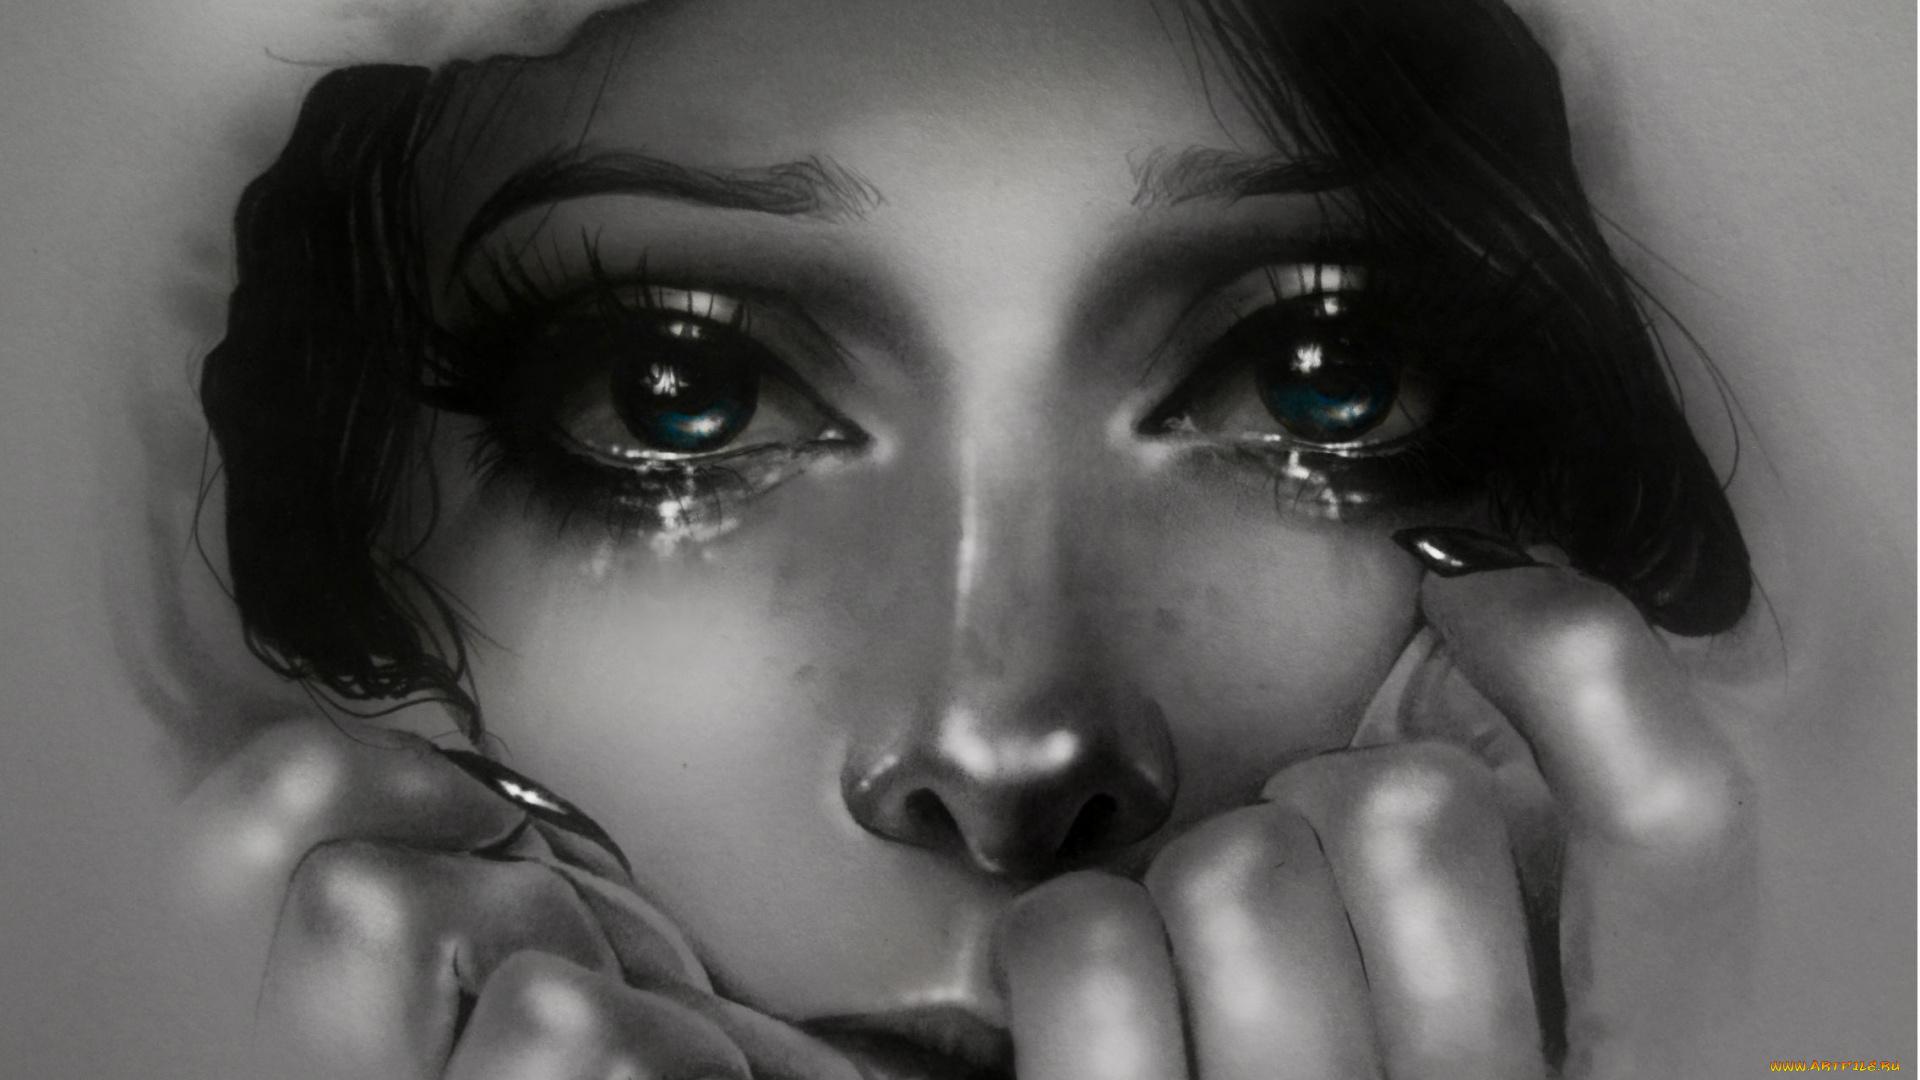 картинка слезы и плакала прихожей